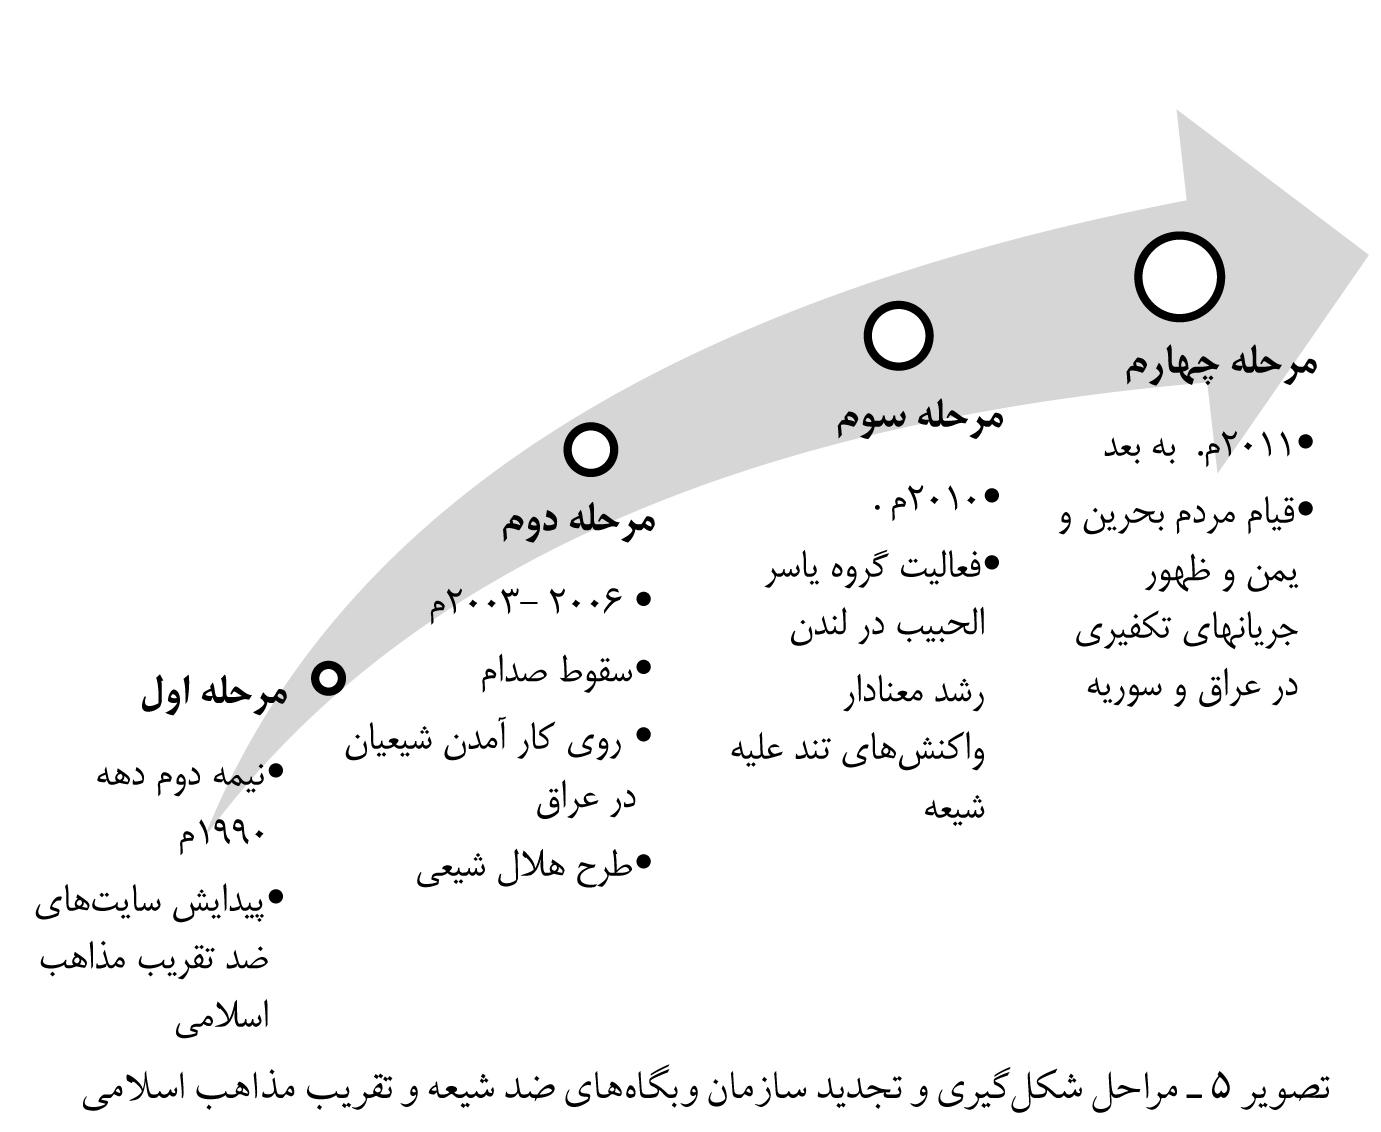 تصویر شماره 5 - مراحل شکل گیری و تجدید سازمان وبگاه های ضد شیعه.jpg